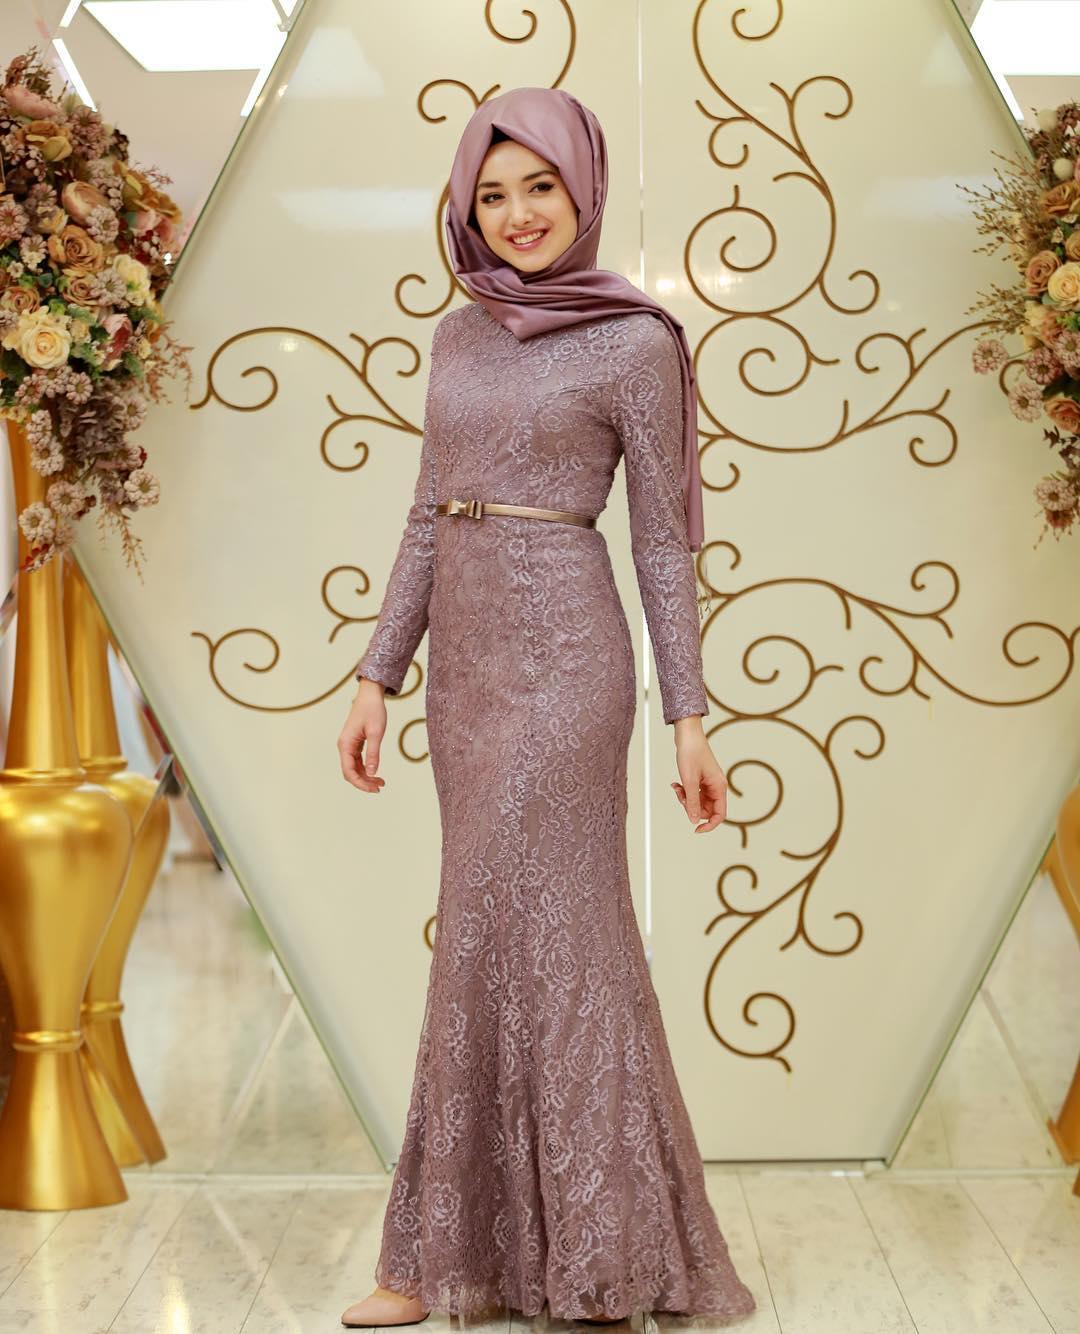 2018 Tesettür Abiye Elbise Modelleri 1 - 2018 En Şık Tesettürlü Abiye Elbise Modelleri